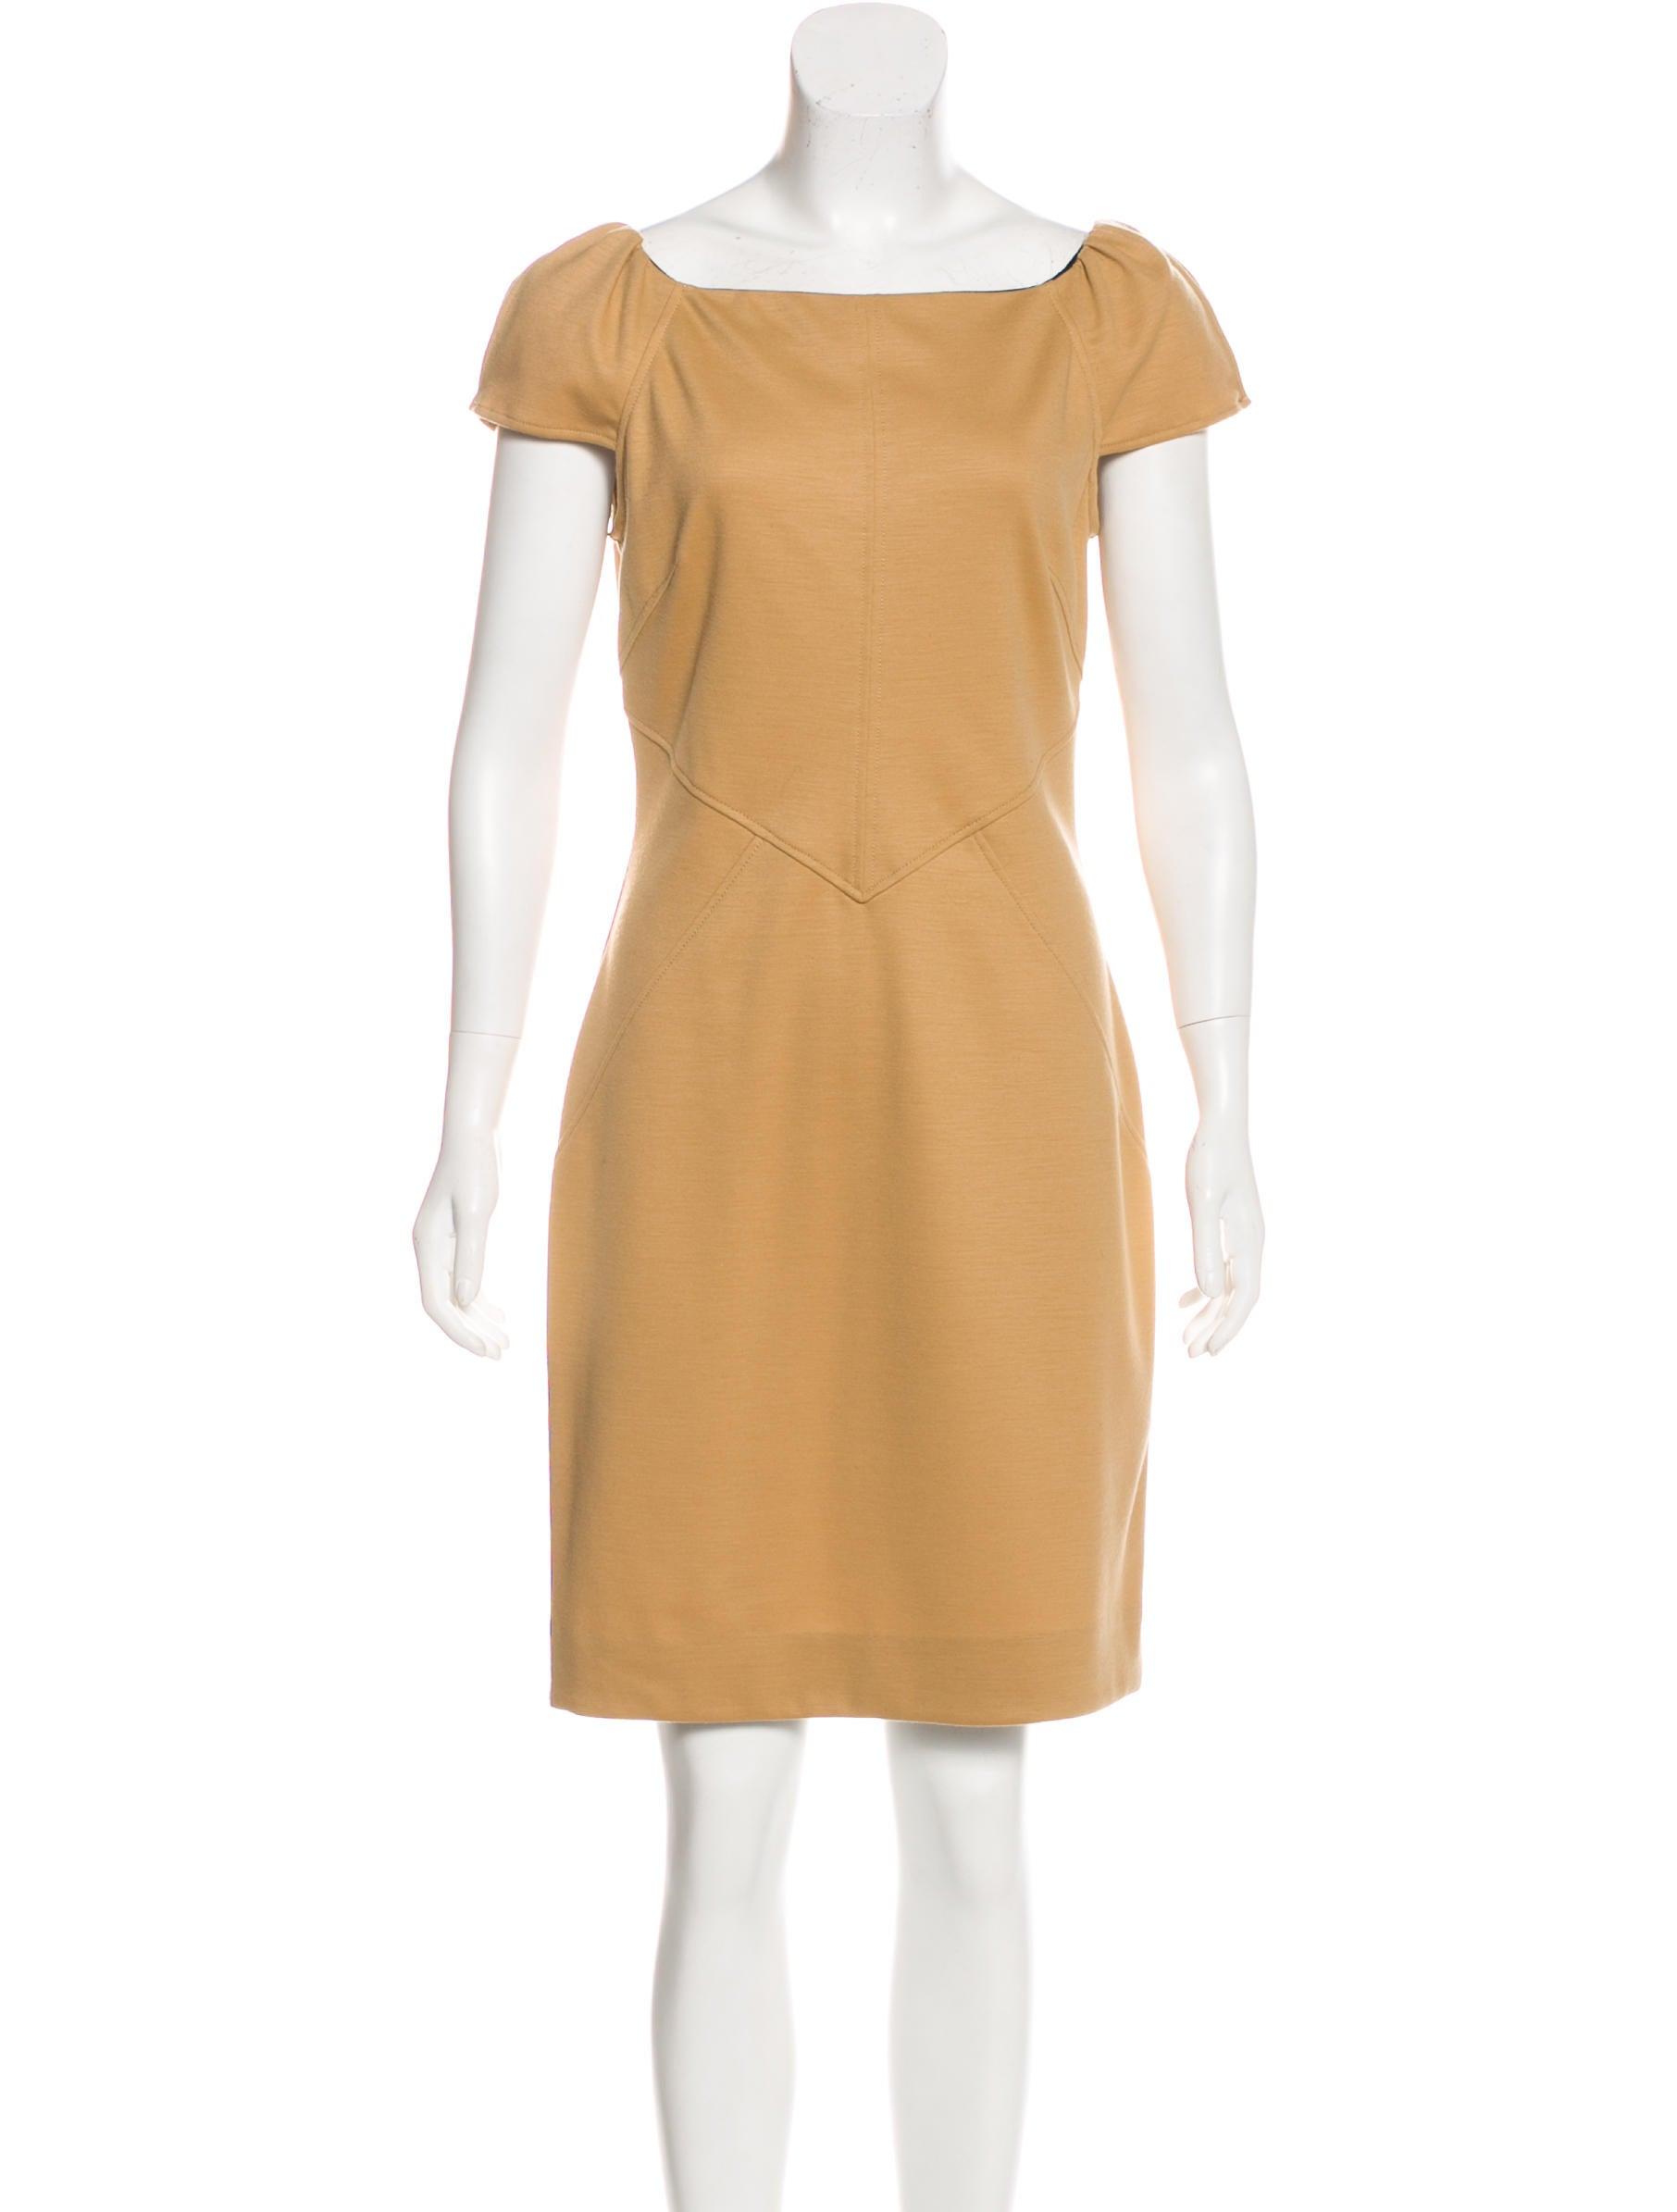 Diane von furstenberg helen wool dress clothing for Diane von furstenberg shirt